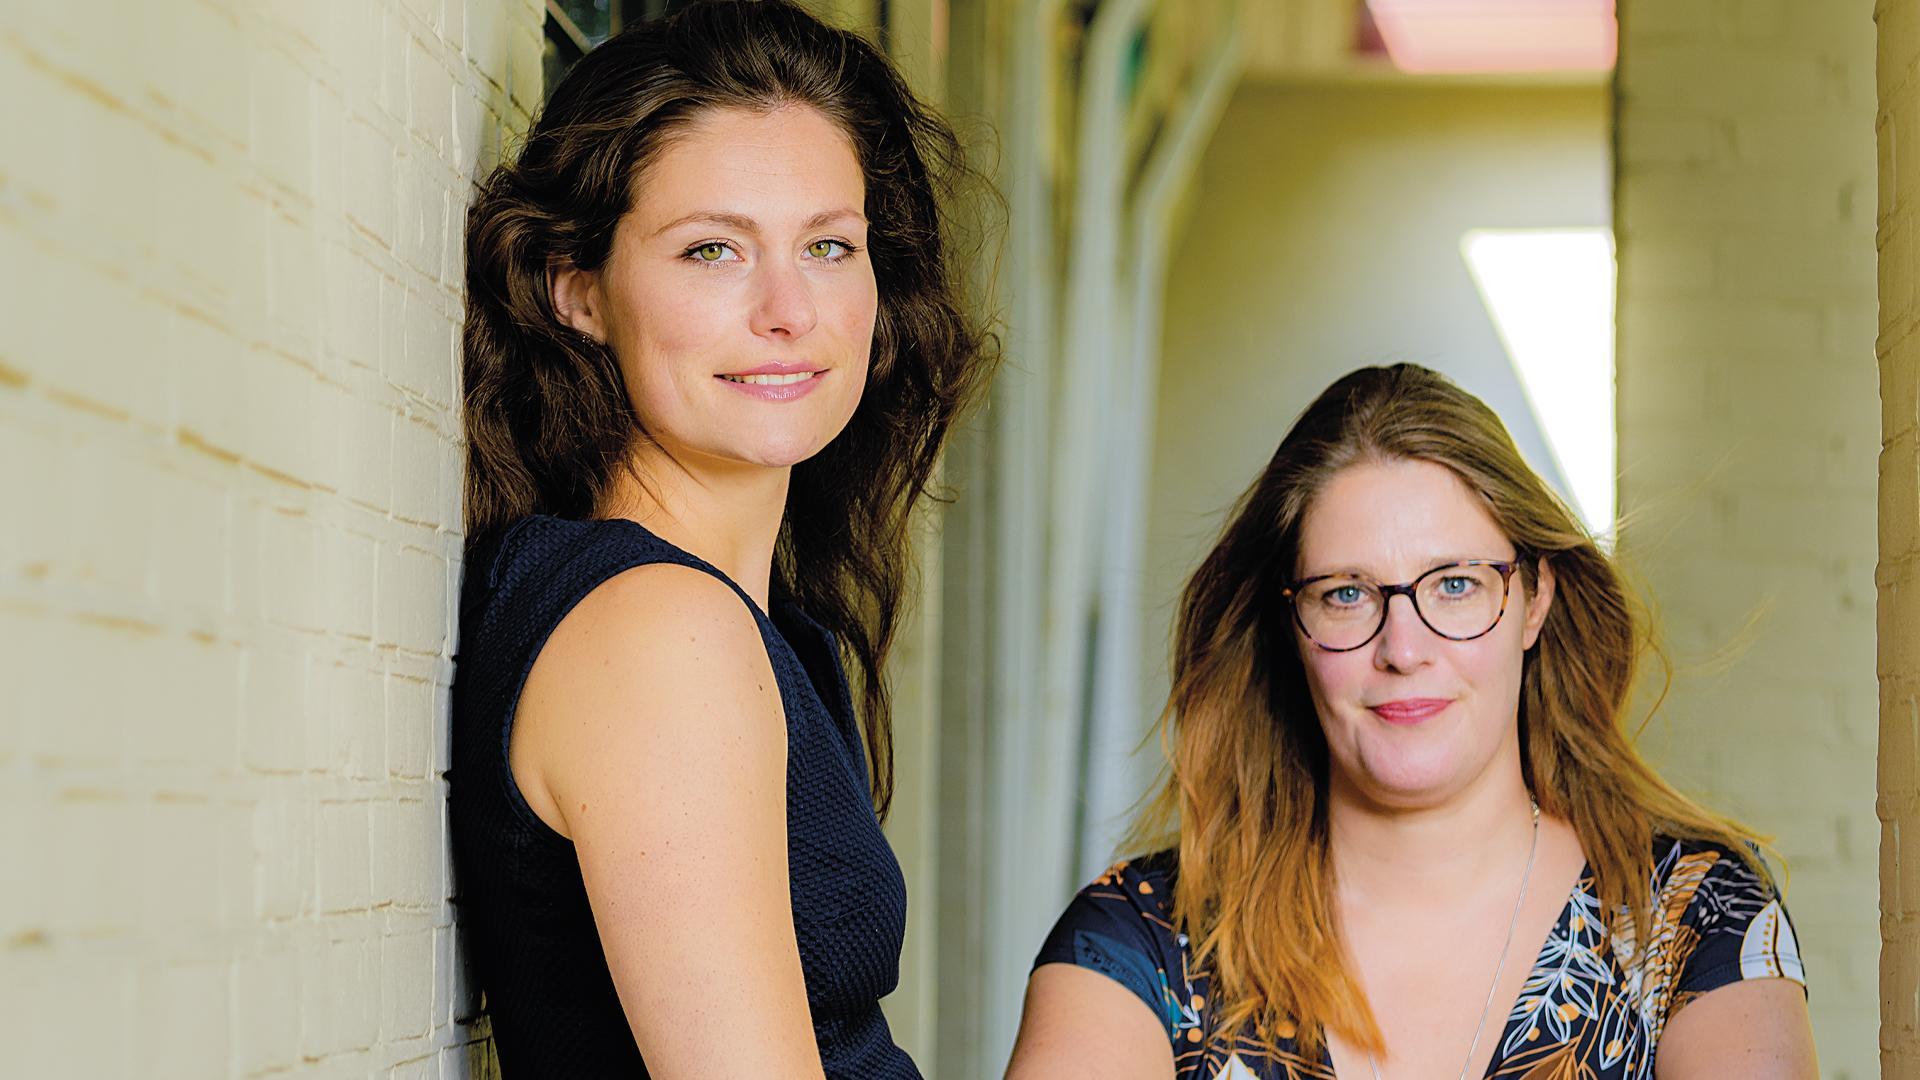 'Eindelijk weer een concert. We hebben het publiek echt gemist.' Houberg en Vegter kijken uit naar optreden met zomers klassiek in Bussumse Majellakapel.